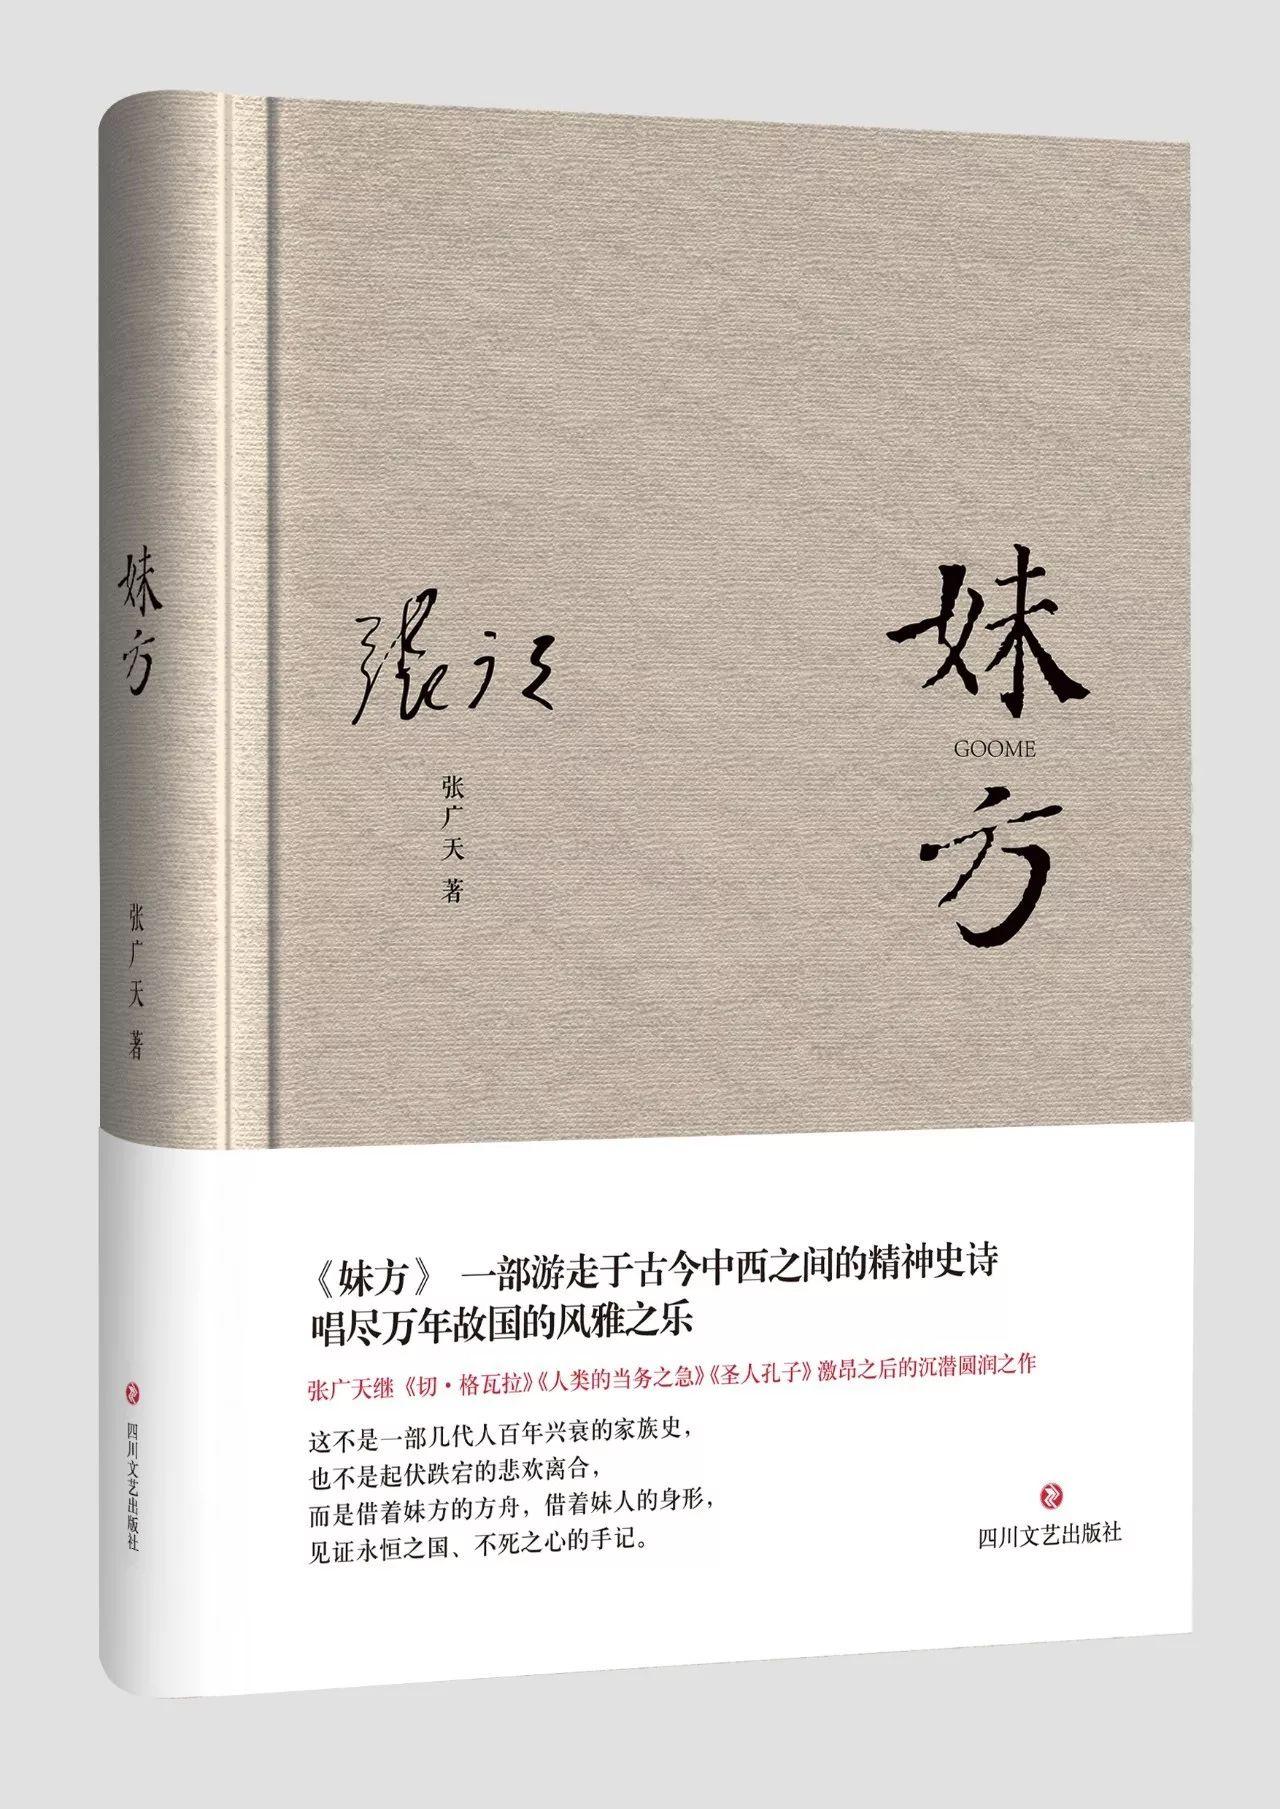 《妹方》立体封面图(定稿)